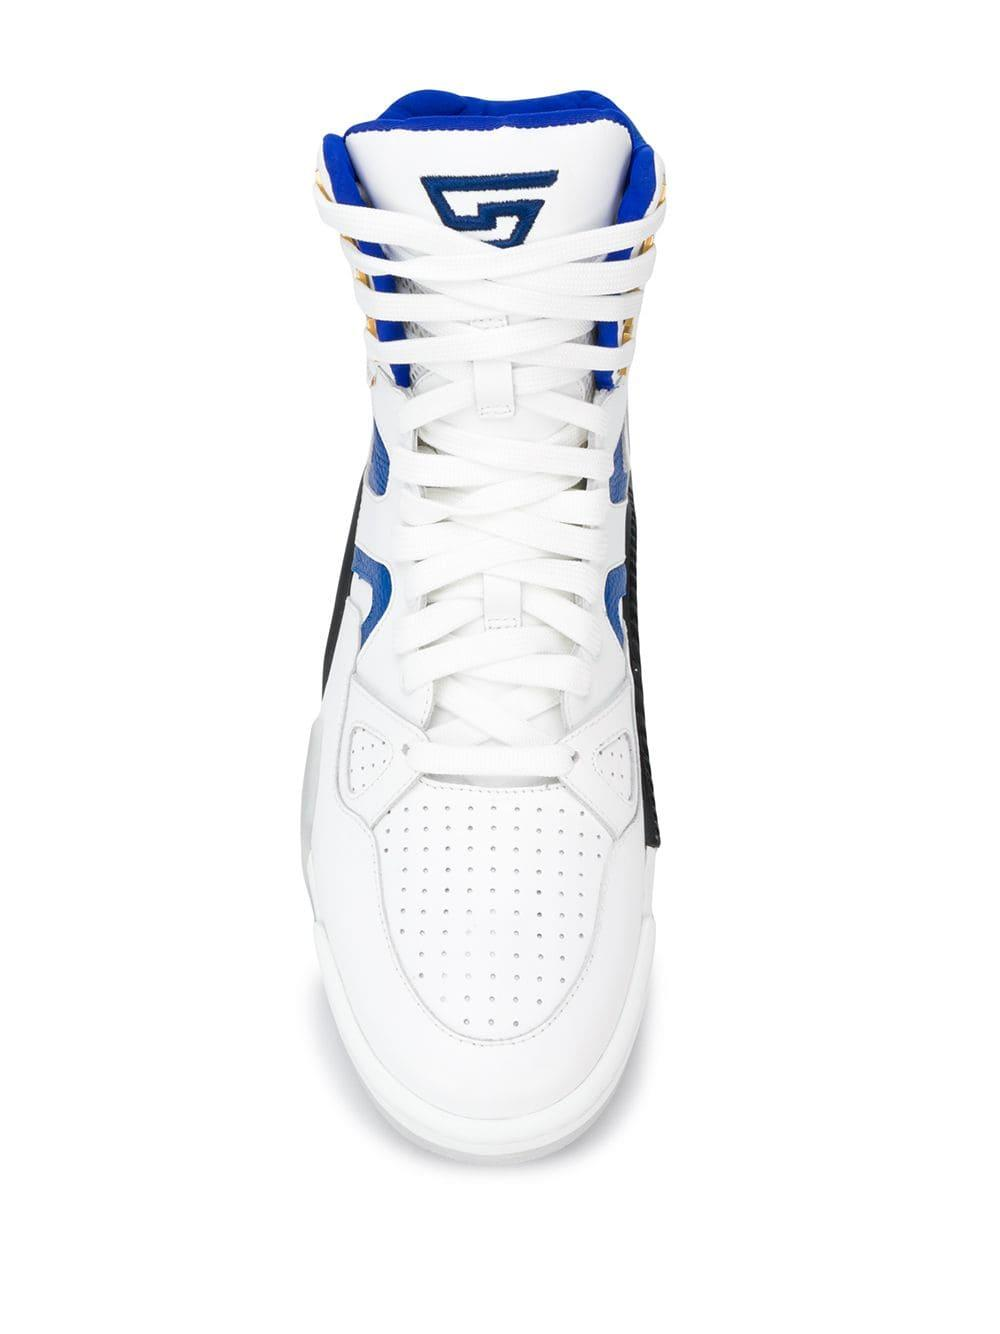 Zapatillas altas Versace de Cuero de color Blanco para hombre